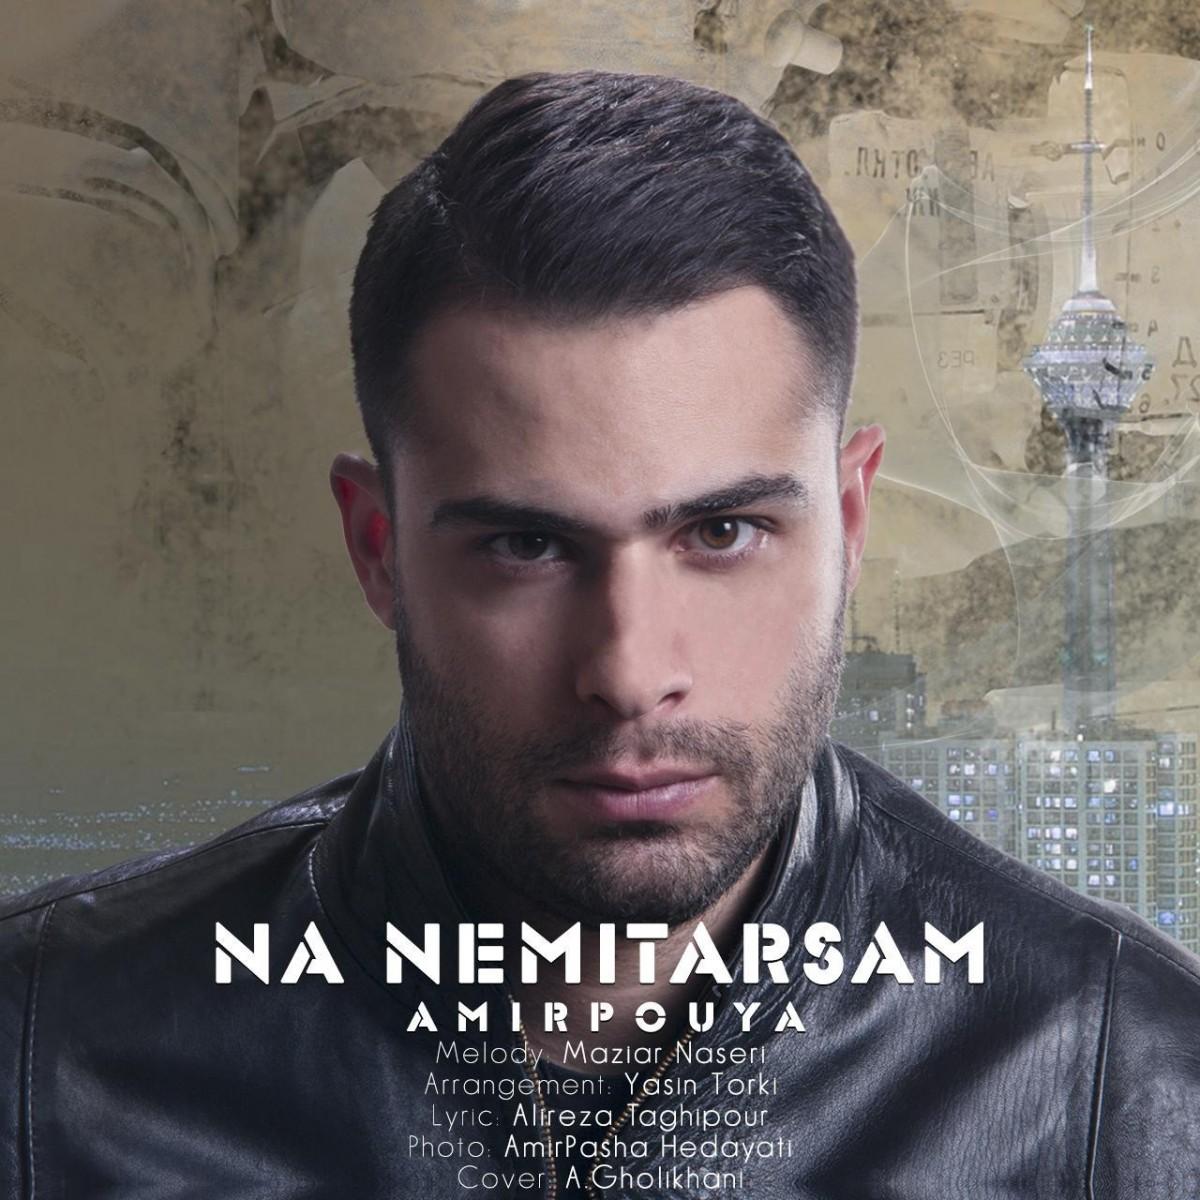 نامبر وان موزیک | دانلود آهنگ جدید AmirPouya-Na-Nemitarsam